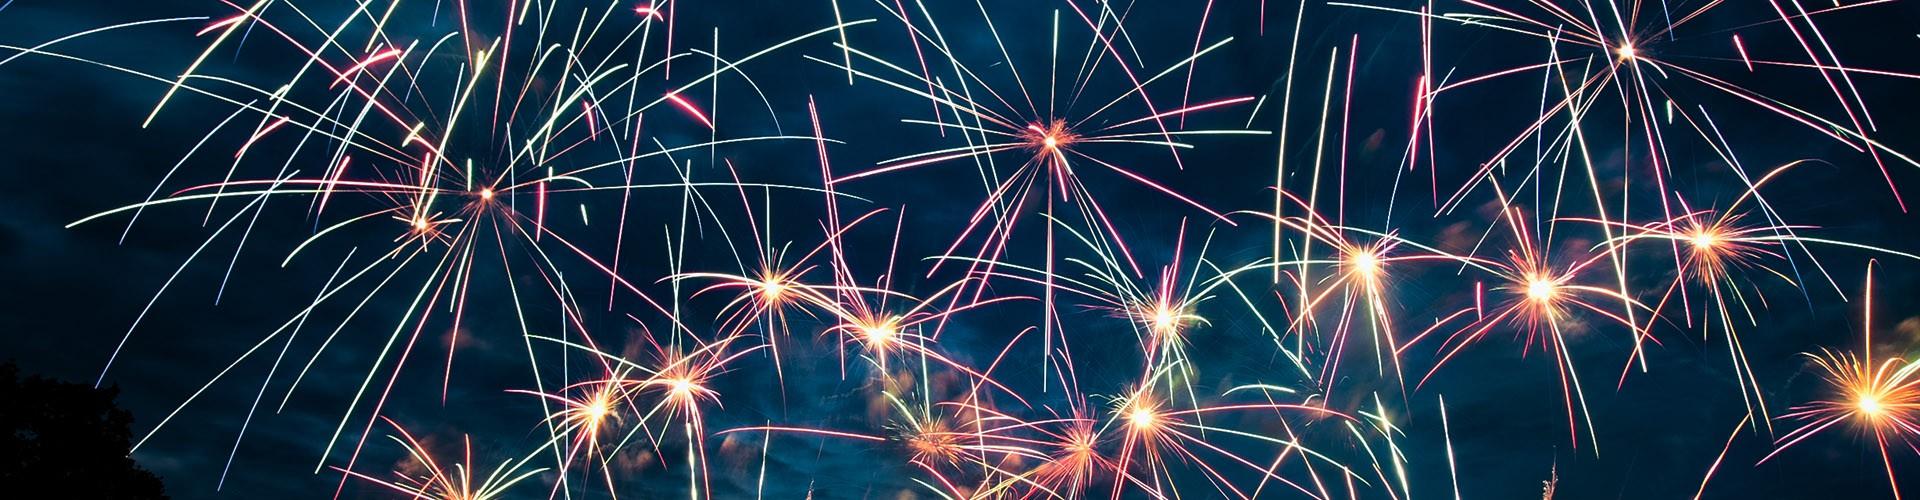 Blaze Fireworks